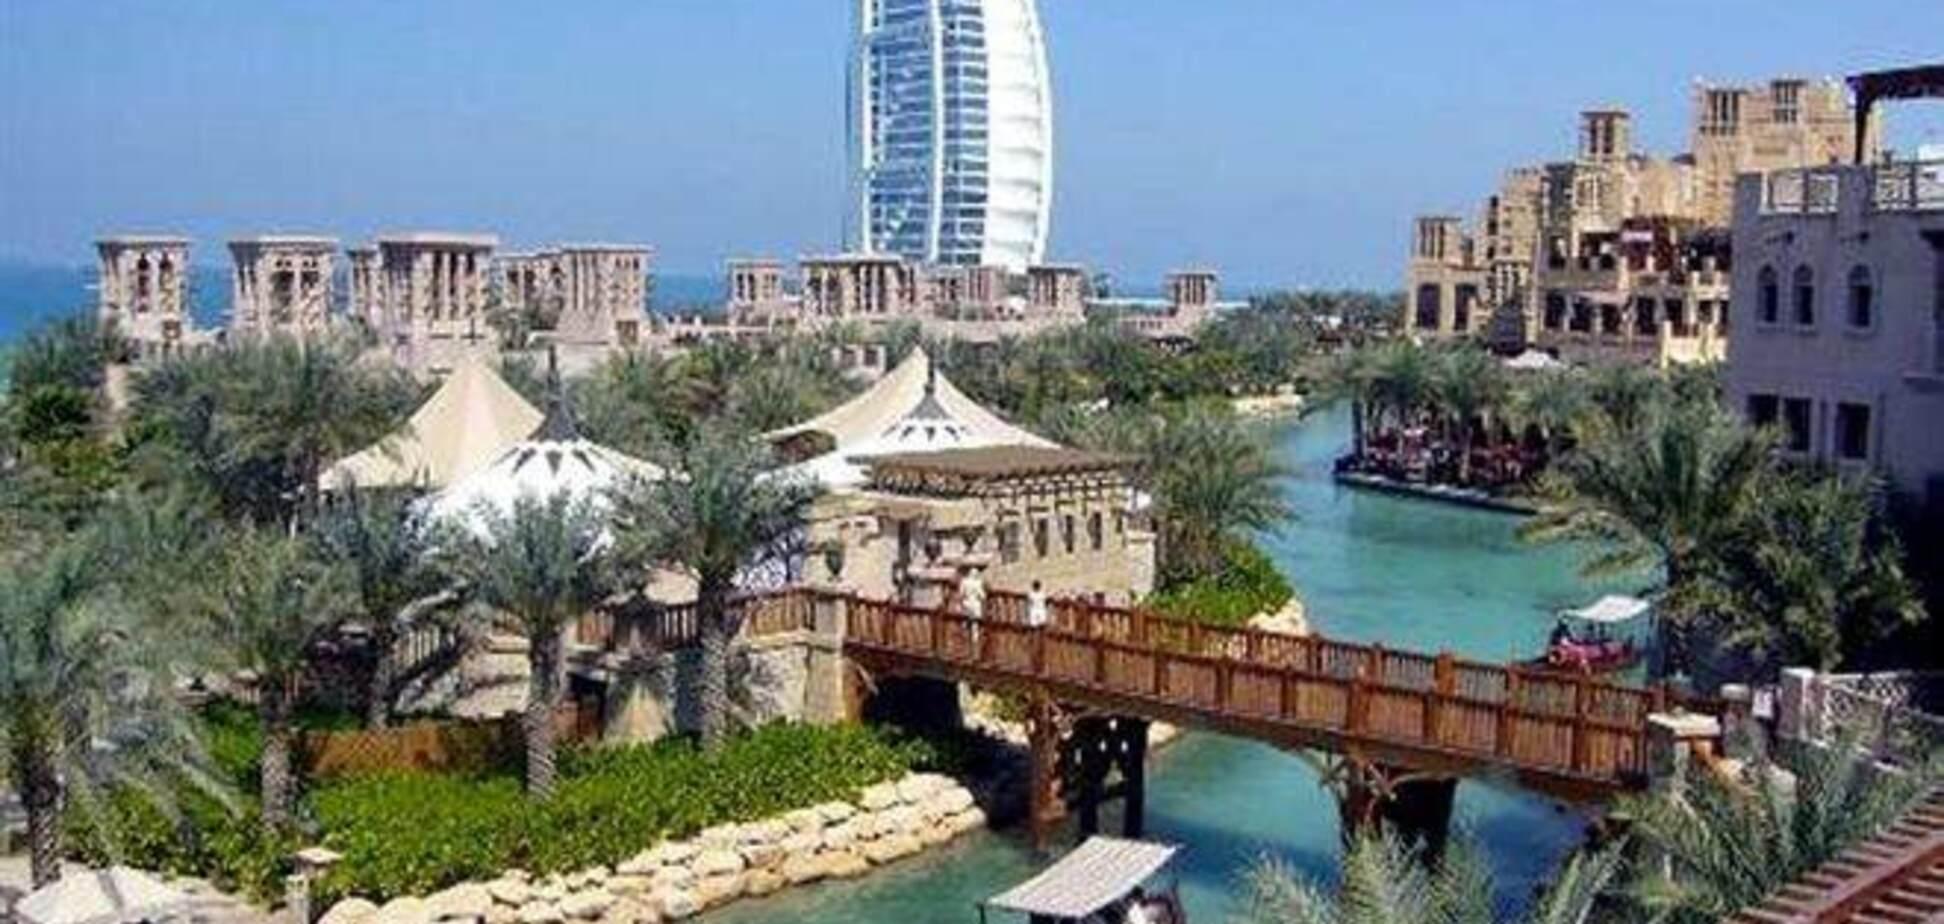 Дубайские застройщики готовы продавать участки неподалеку от места проведения Expo 2020